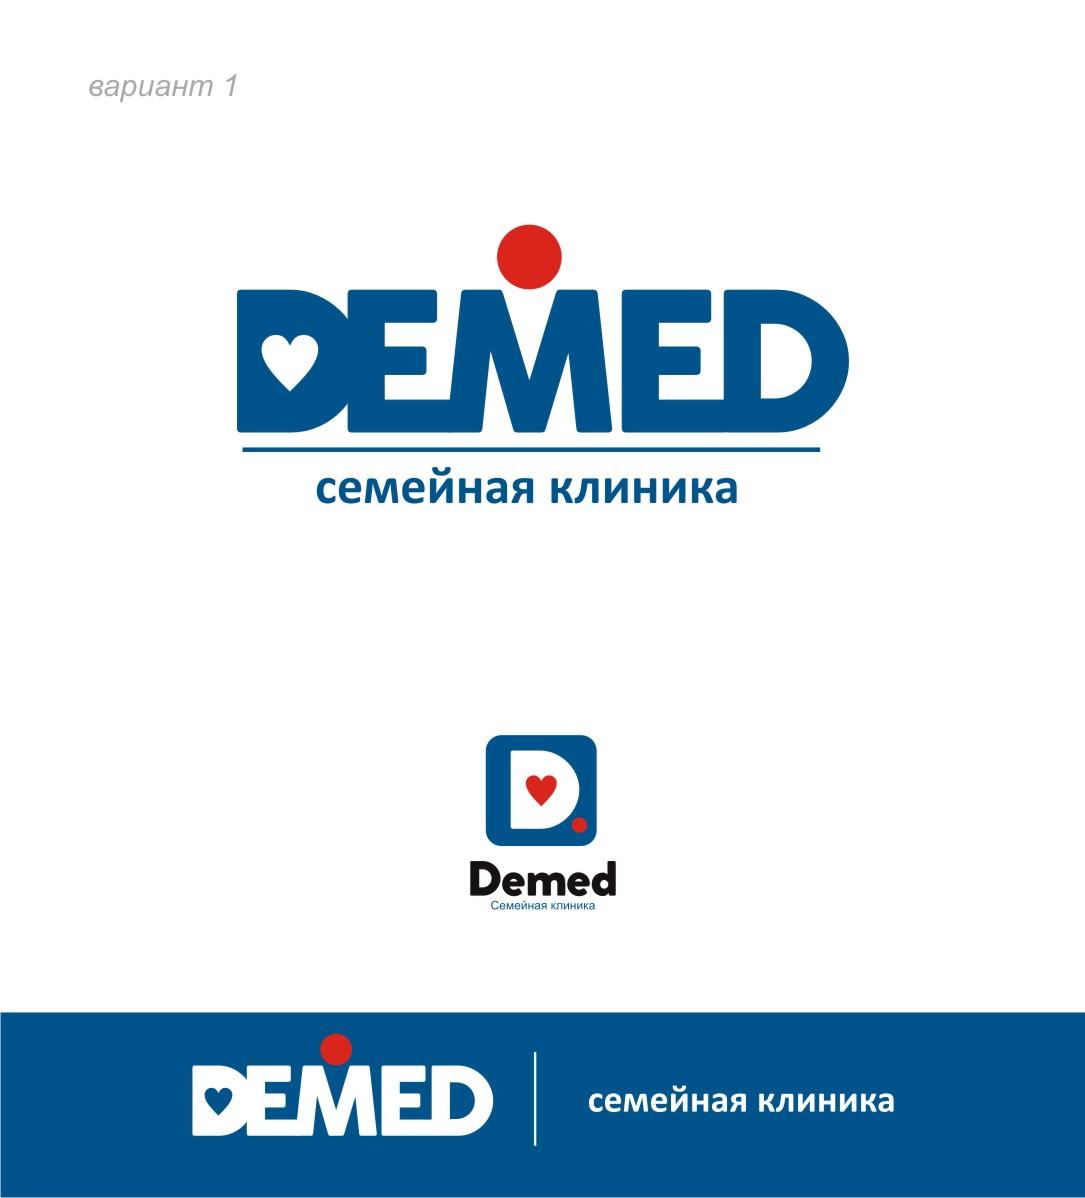 Логотип медицинского центра фото f_2515dc6e69dbb0c6.jpg